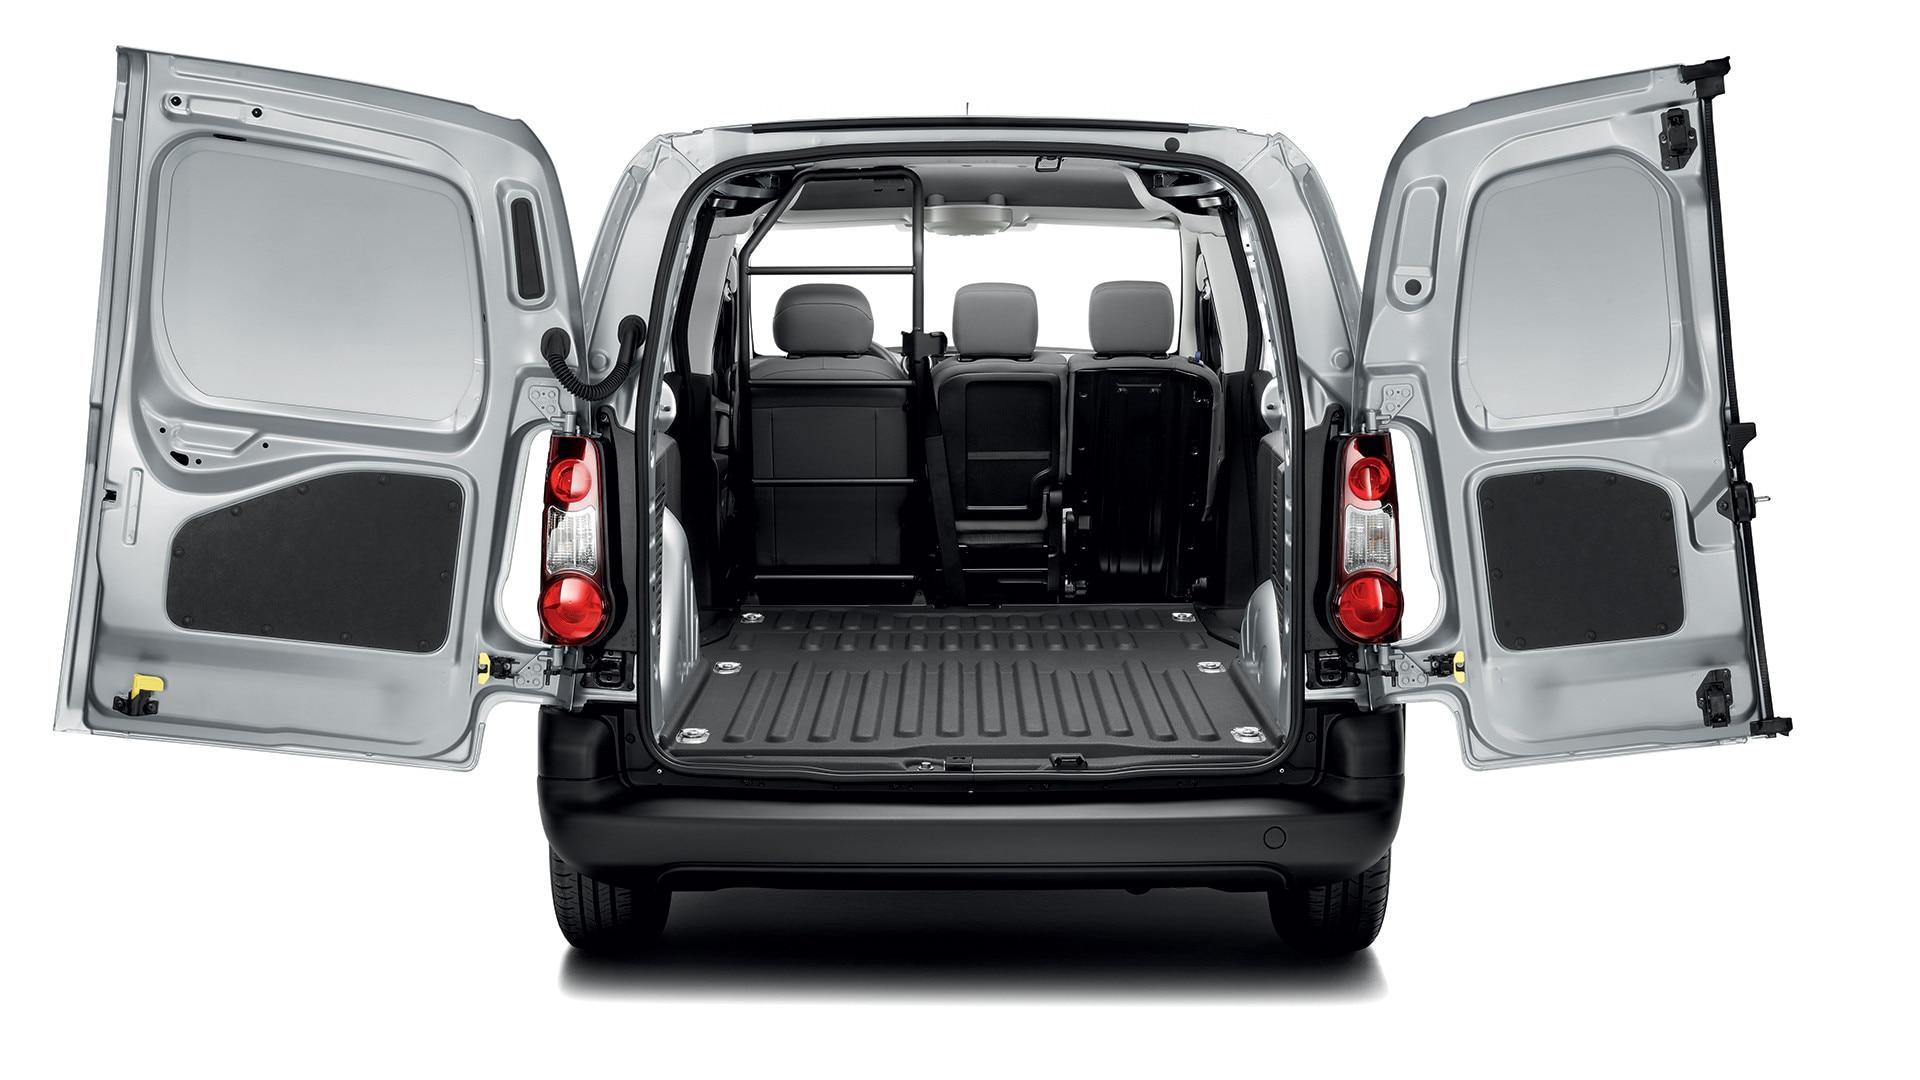 Peugeot Partner Showroom Small Work Van Test Drive Today